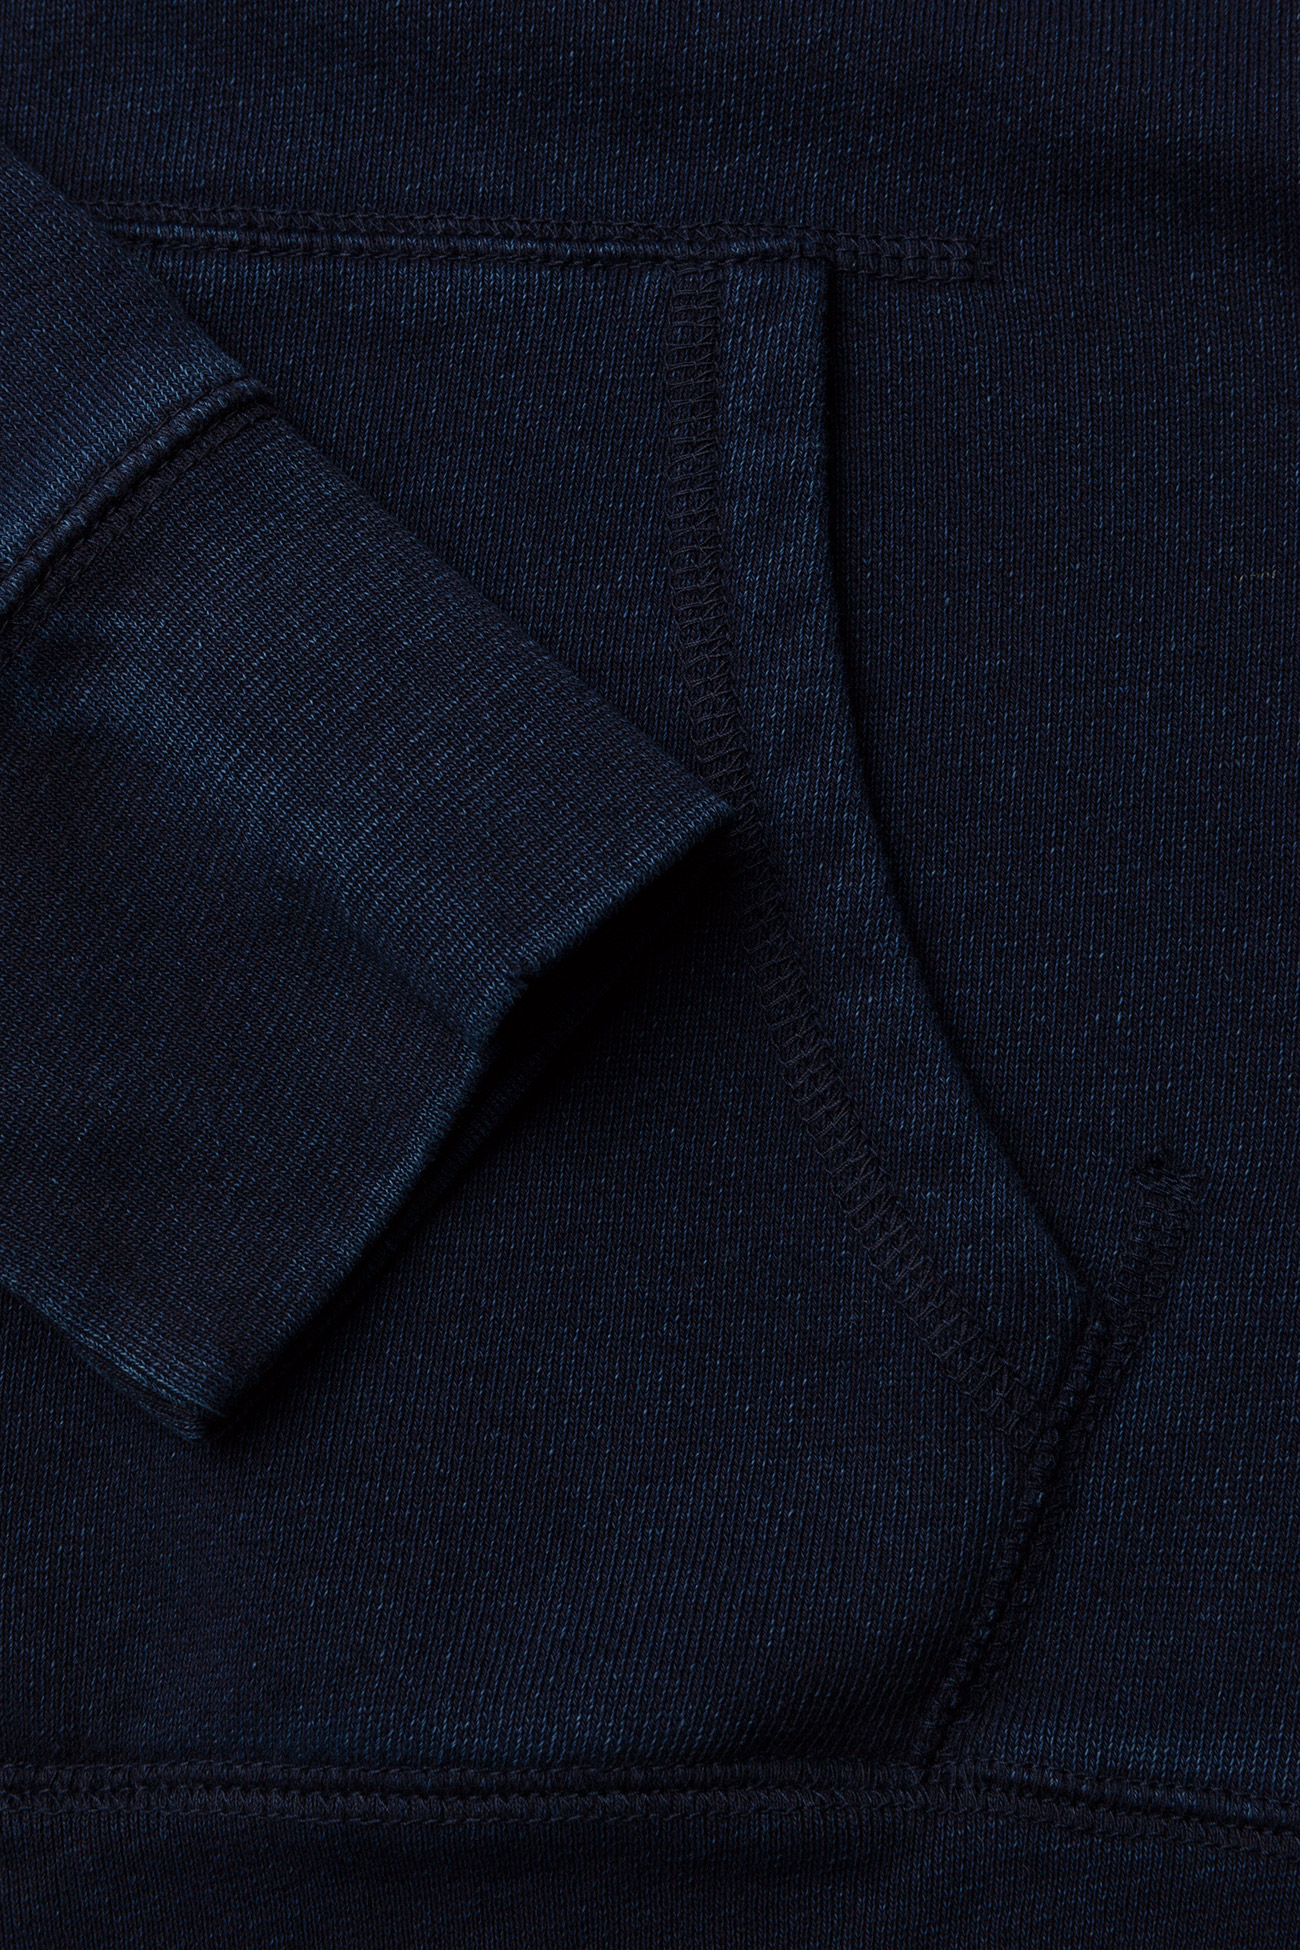 Original Hm Zipup Hoodie Indig (Blues) (594.15 kr) - LEVI´S Men